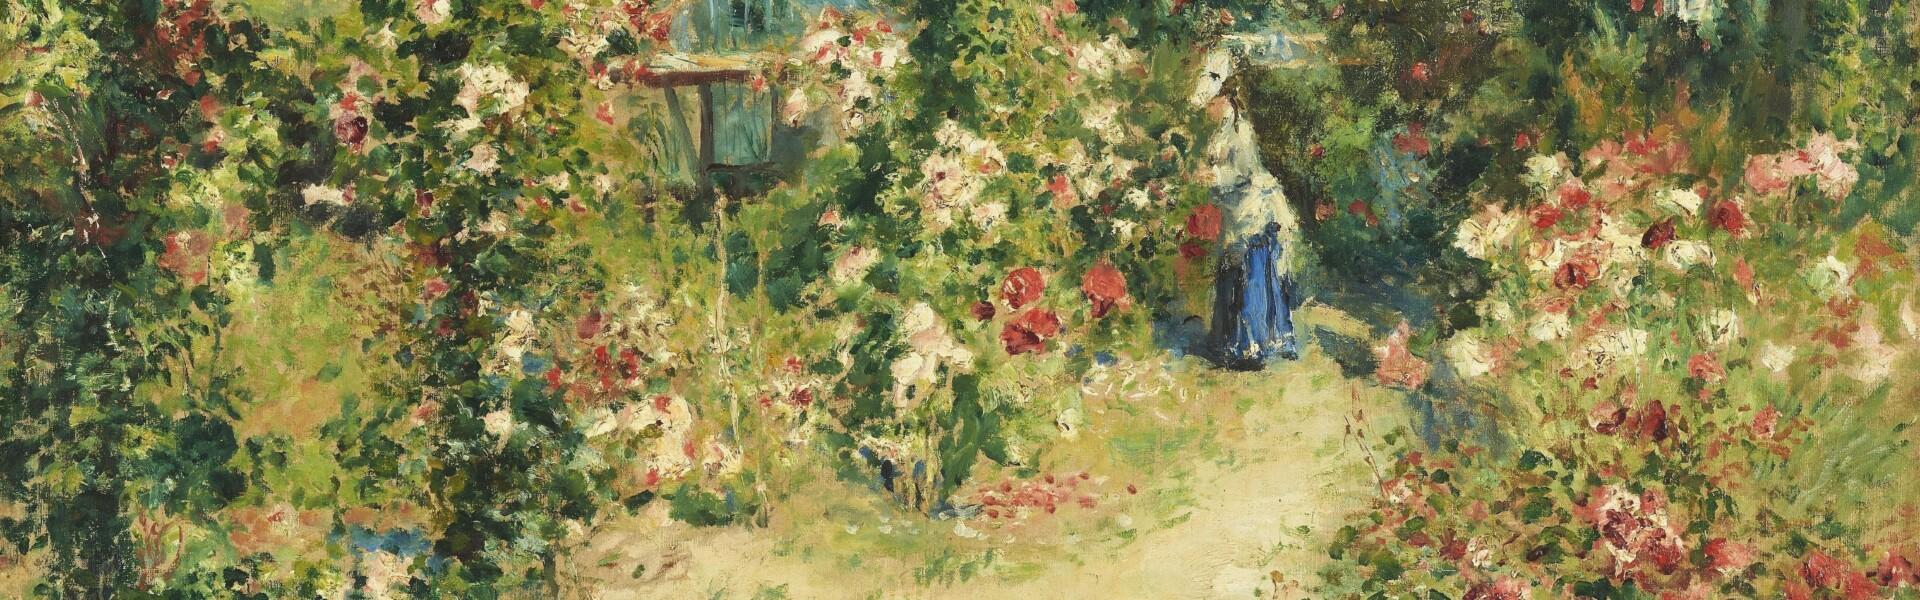 Pierre-Auguste Renoir, Das Gewächshaus (La Serre|The Greenhouse), um 1876, Leihgabe aus Privatbesitz, Foto: © Staatsgalerie Stuttgart